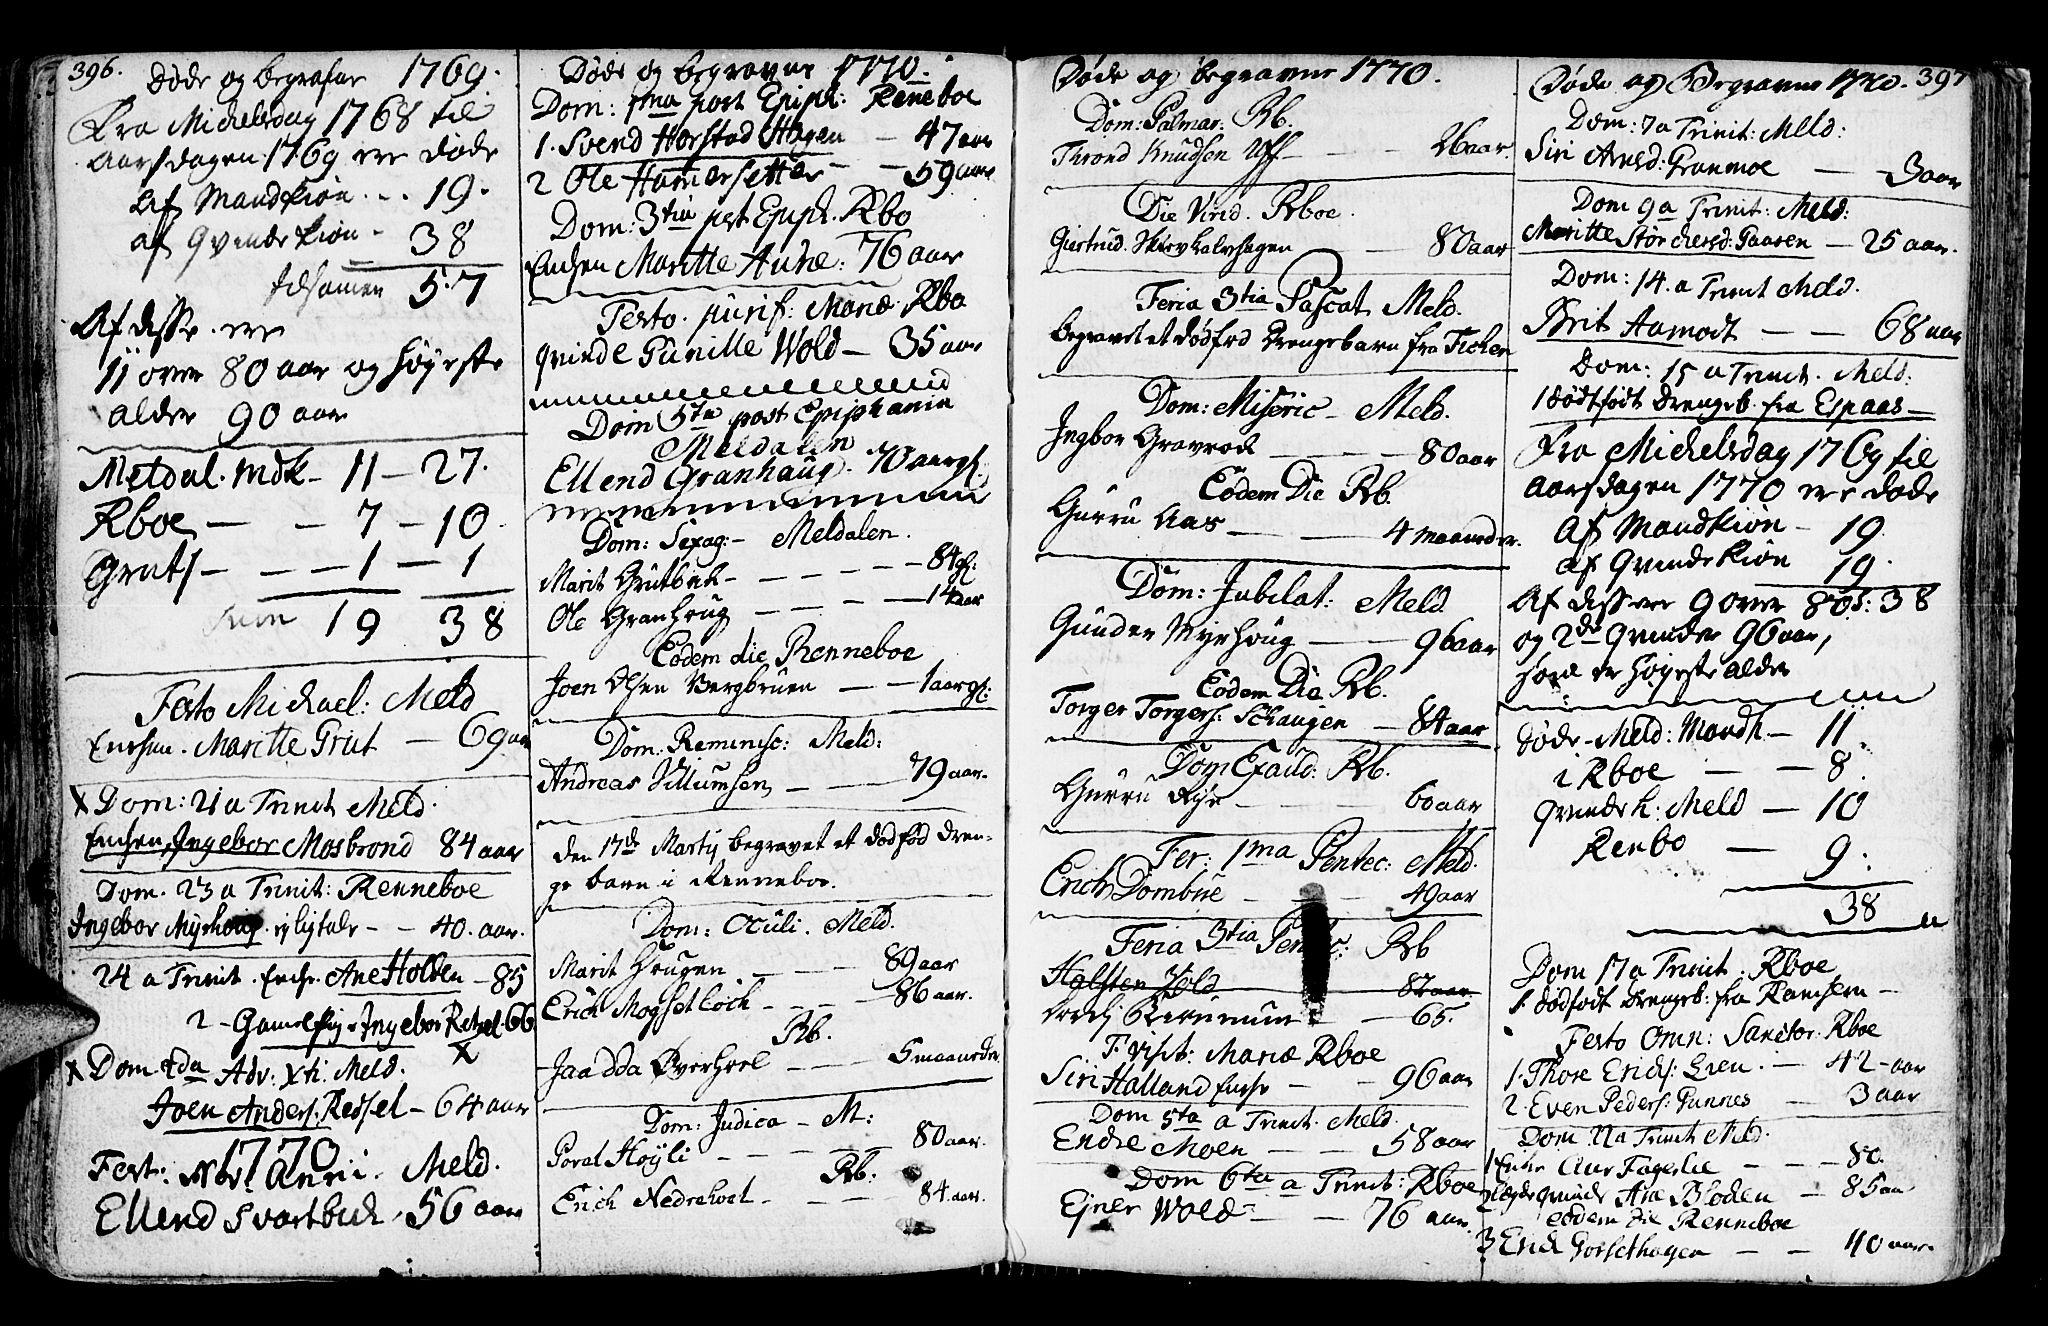 SAT, Ministerialprotokoller, klokkerbøker og fødselsregistre - Sør-Trøndelag, 672/L0851: Ministerialbok nr. 672A04, 1751-1775, s. 396-397